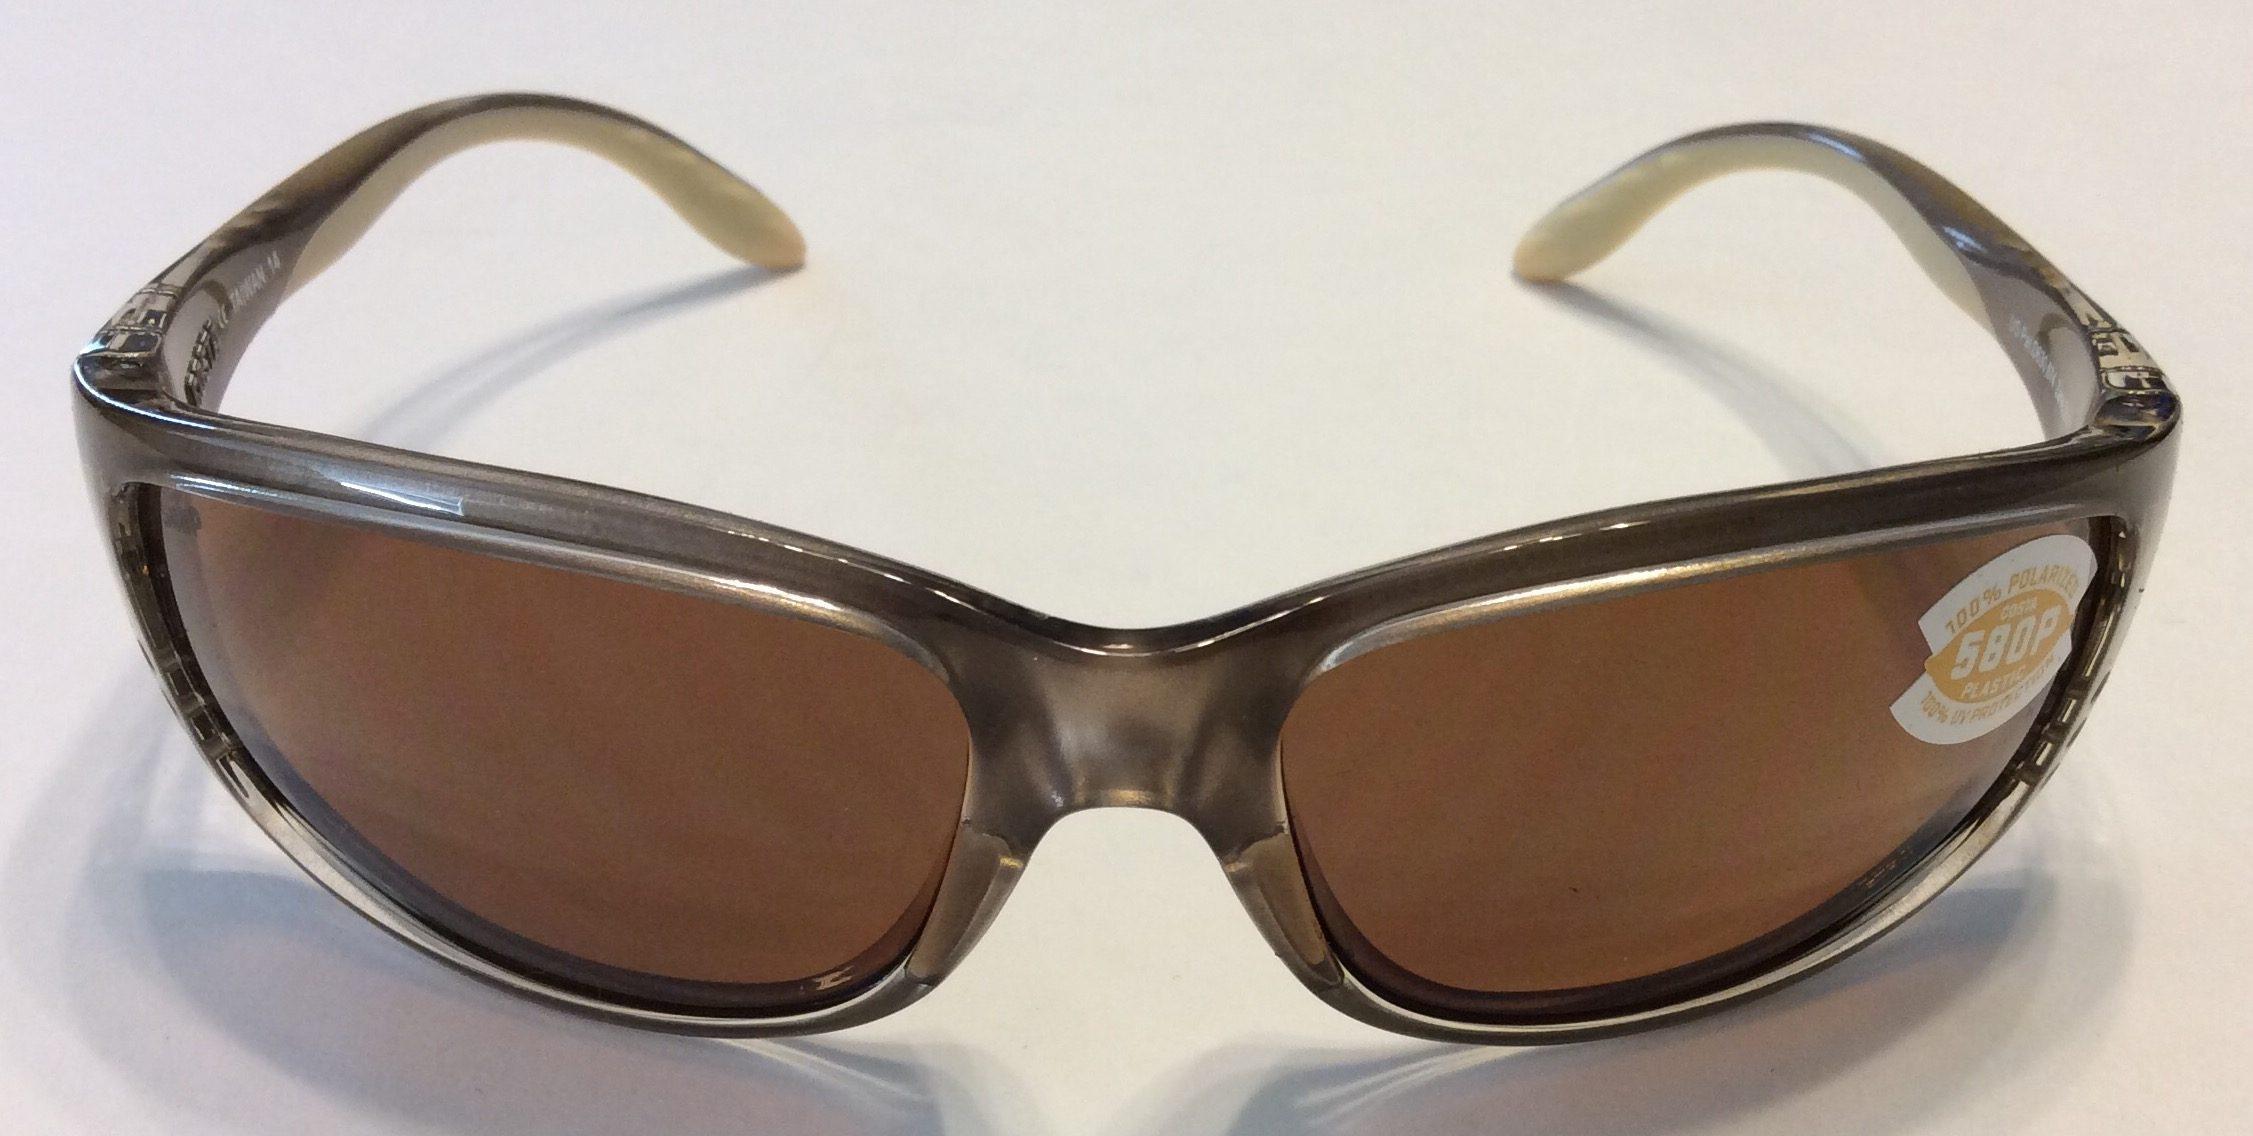 5ad97474cc Costa Del Mar Zane Sunglasses - Crystal Bronze - POLARIZED Amber 580P